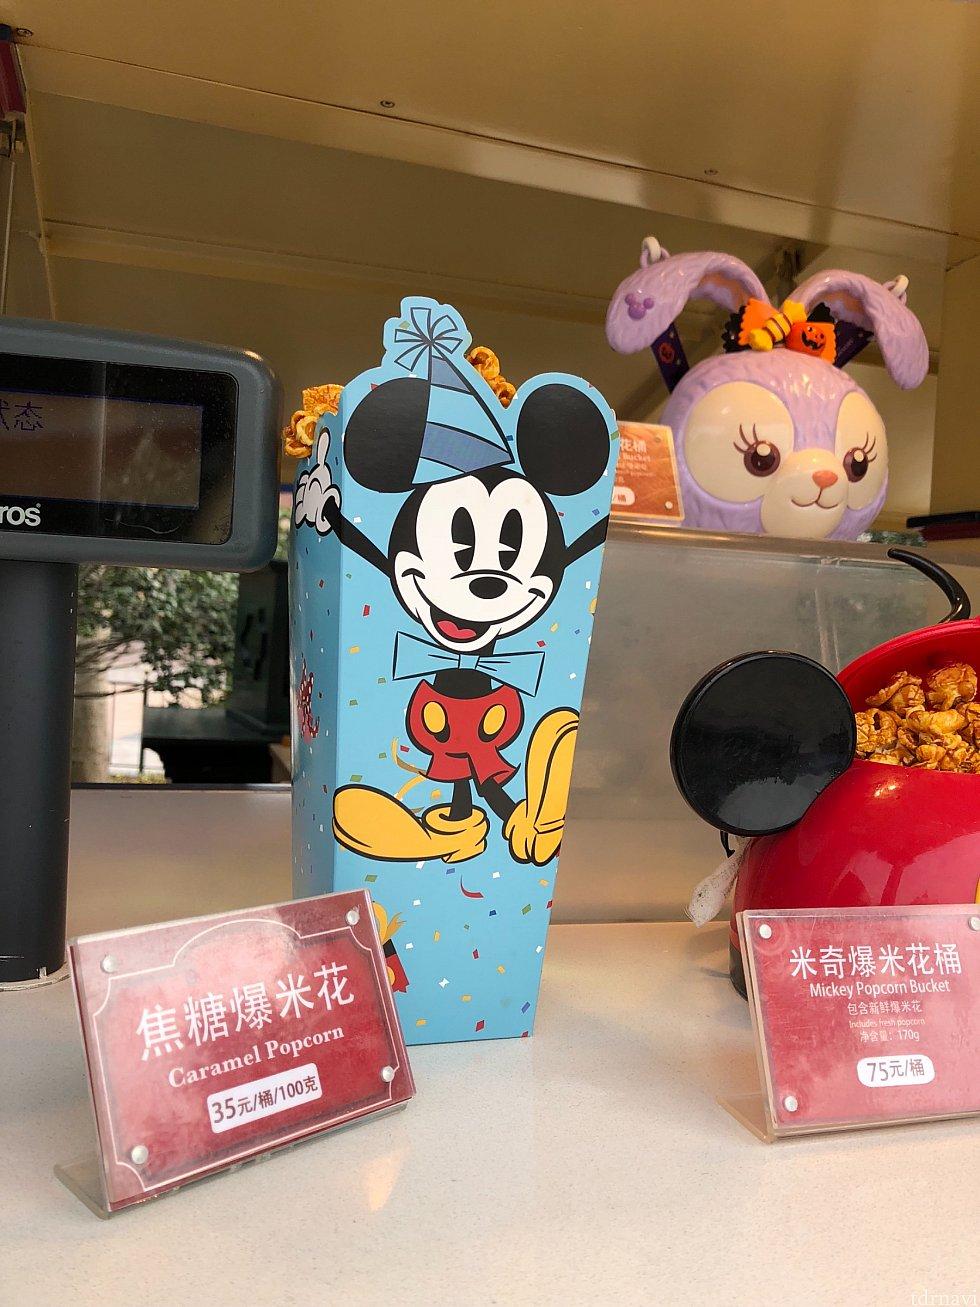 以下レミーのパティスリーとは無関係なミッキー90周年の画像です(笑)   ポップコーンワゴンの紙箱もバースデーバージョン!